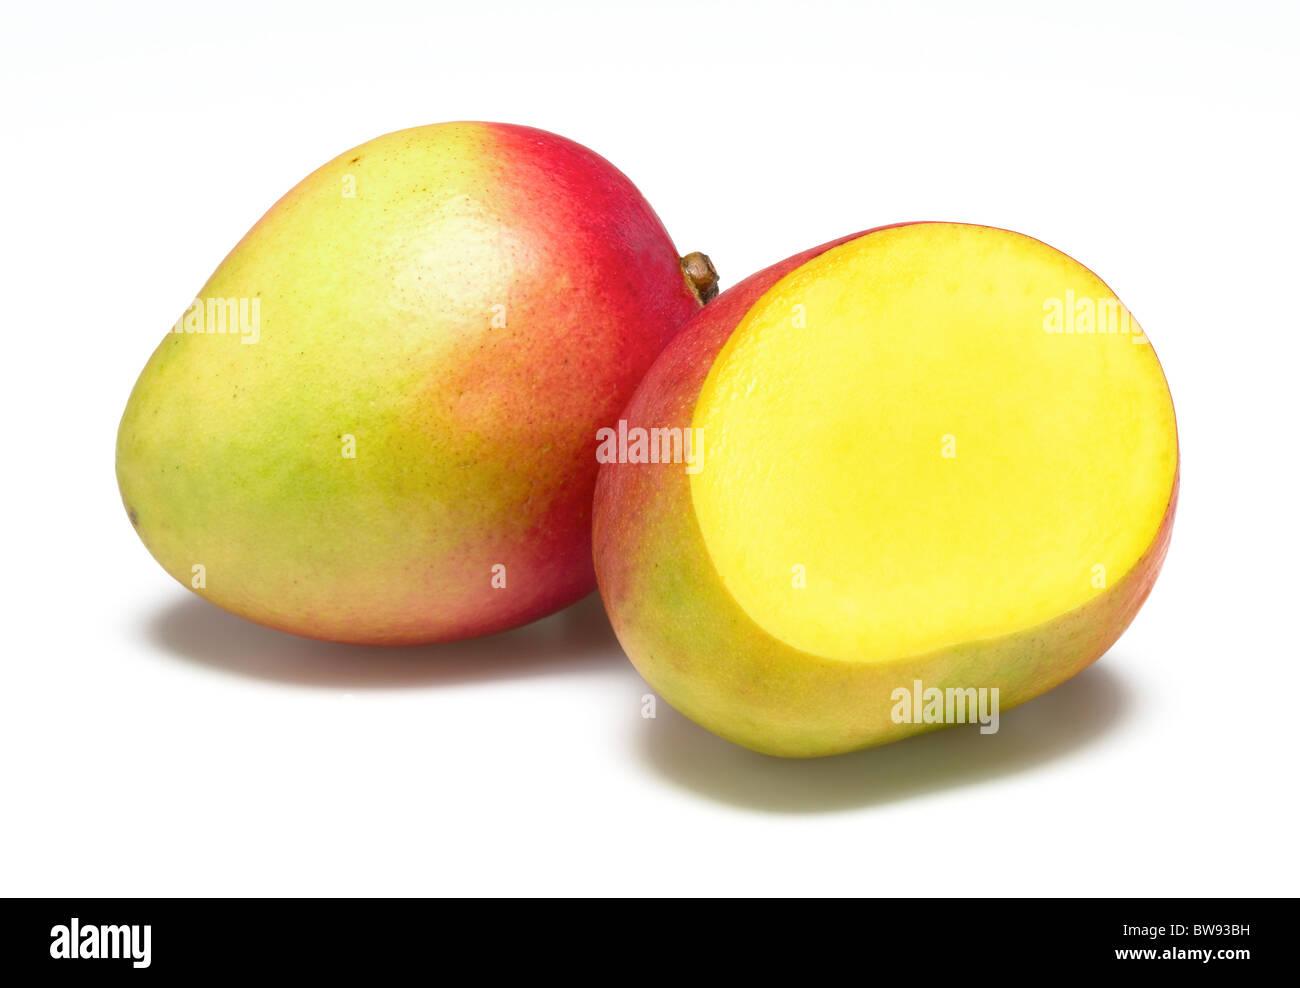 mangoes - Stock Image